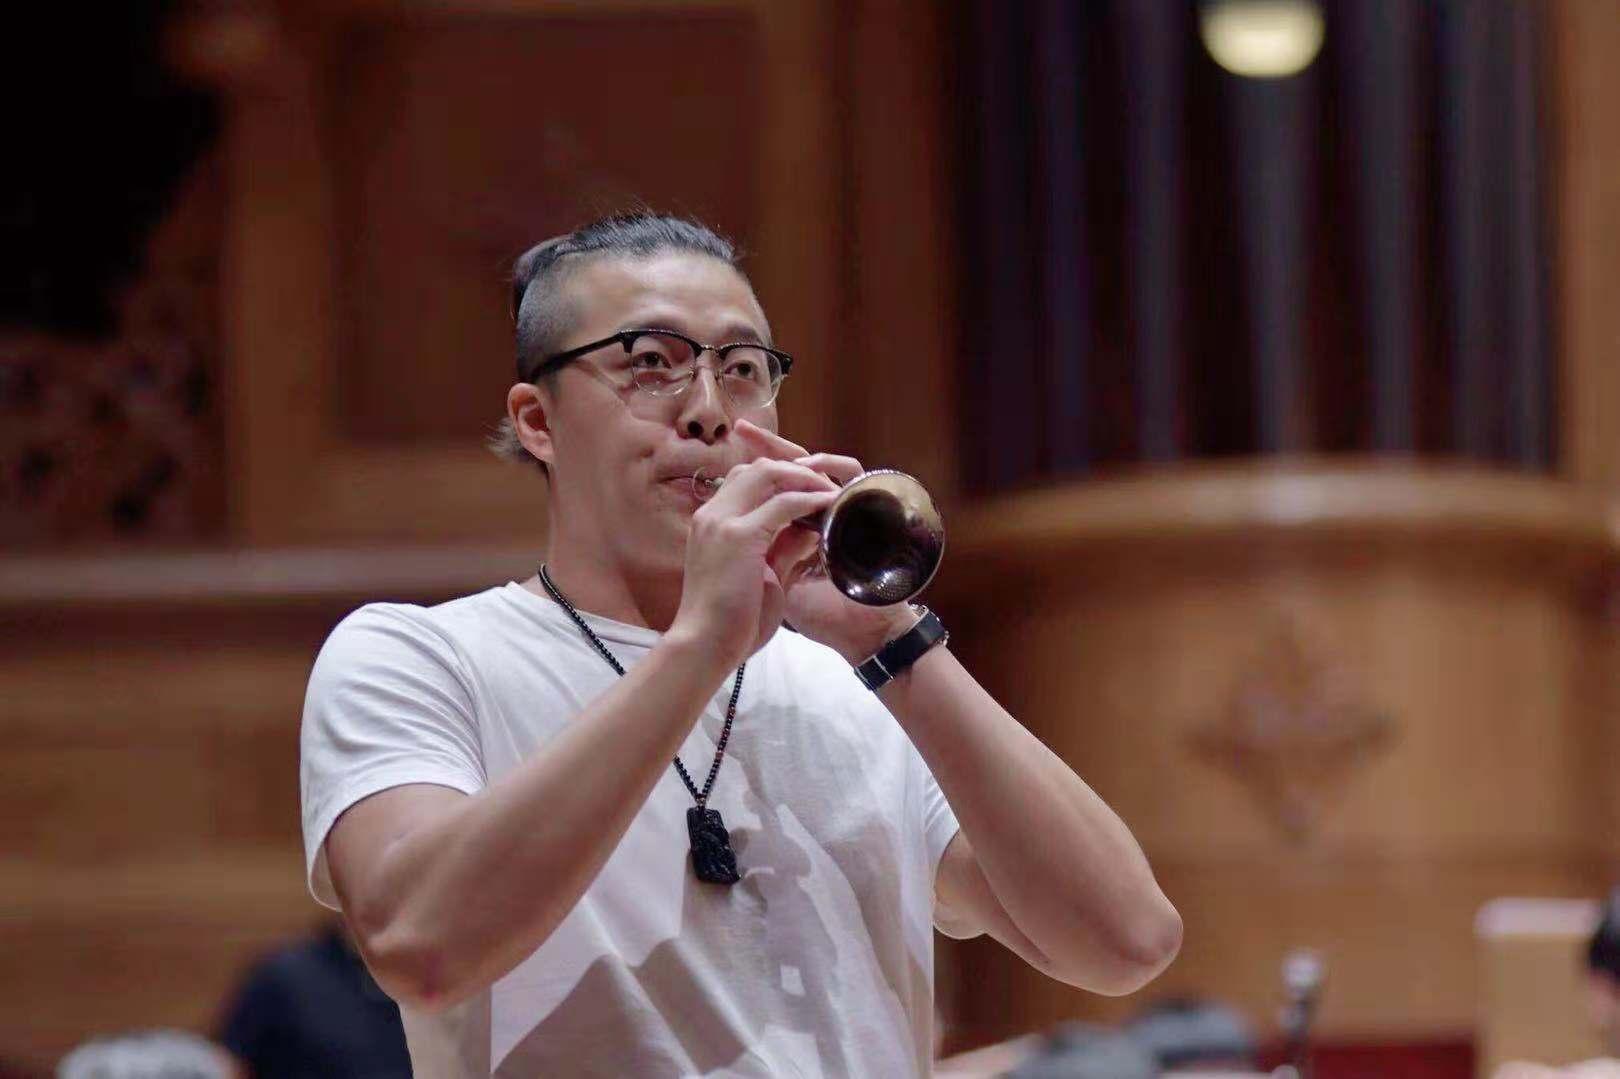 刘凤扬:唢呐演奏家,毕业于台湾艺术大学硕士学位。自2011年于台湾国乐团、台北市立国乐团、长荣交响乐团、桃园市立国乐团担任唢呐演奏员,并随团演出至今。